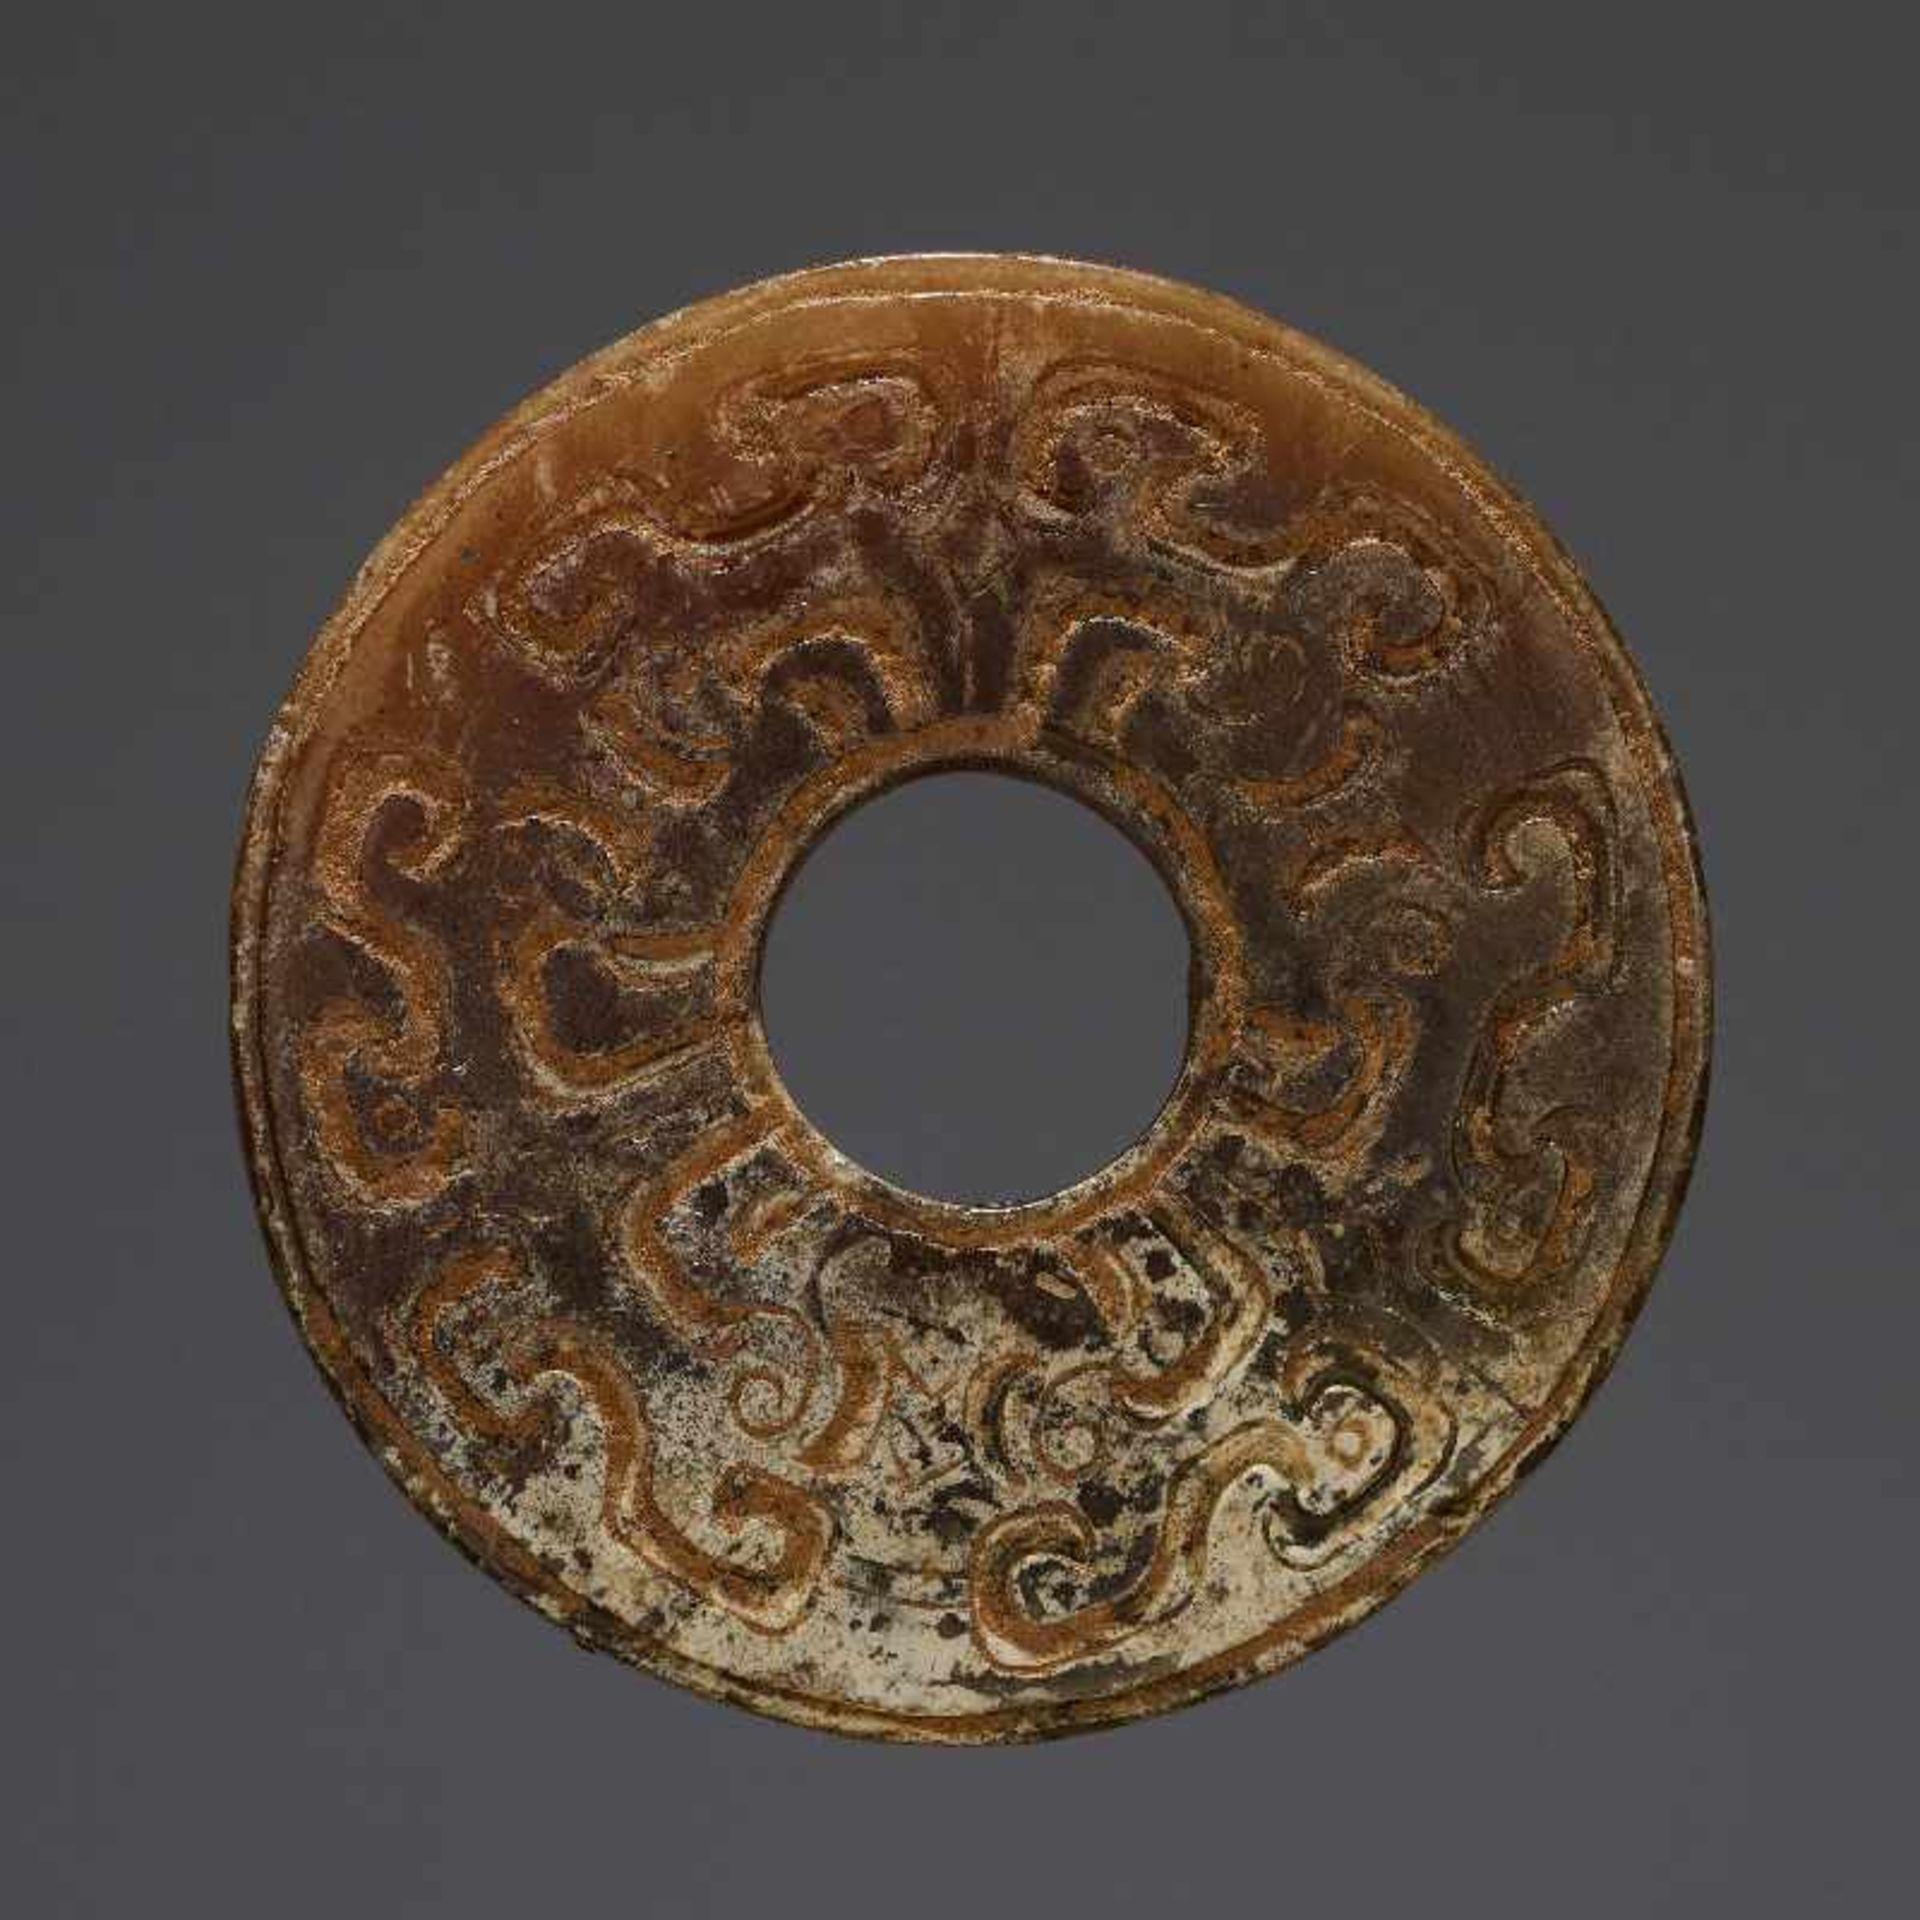 KONVOLUT MIT EINER BI UND DREI AMULETTENJade. China, späte Qing-Dynastie, 19. Jh. 75a: BI Jade. - Image 13 of 17